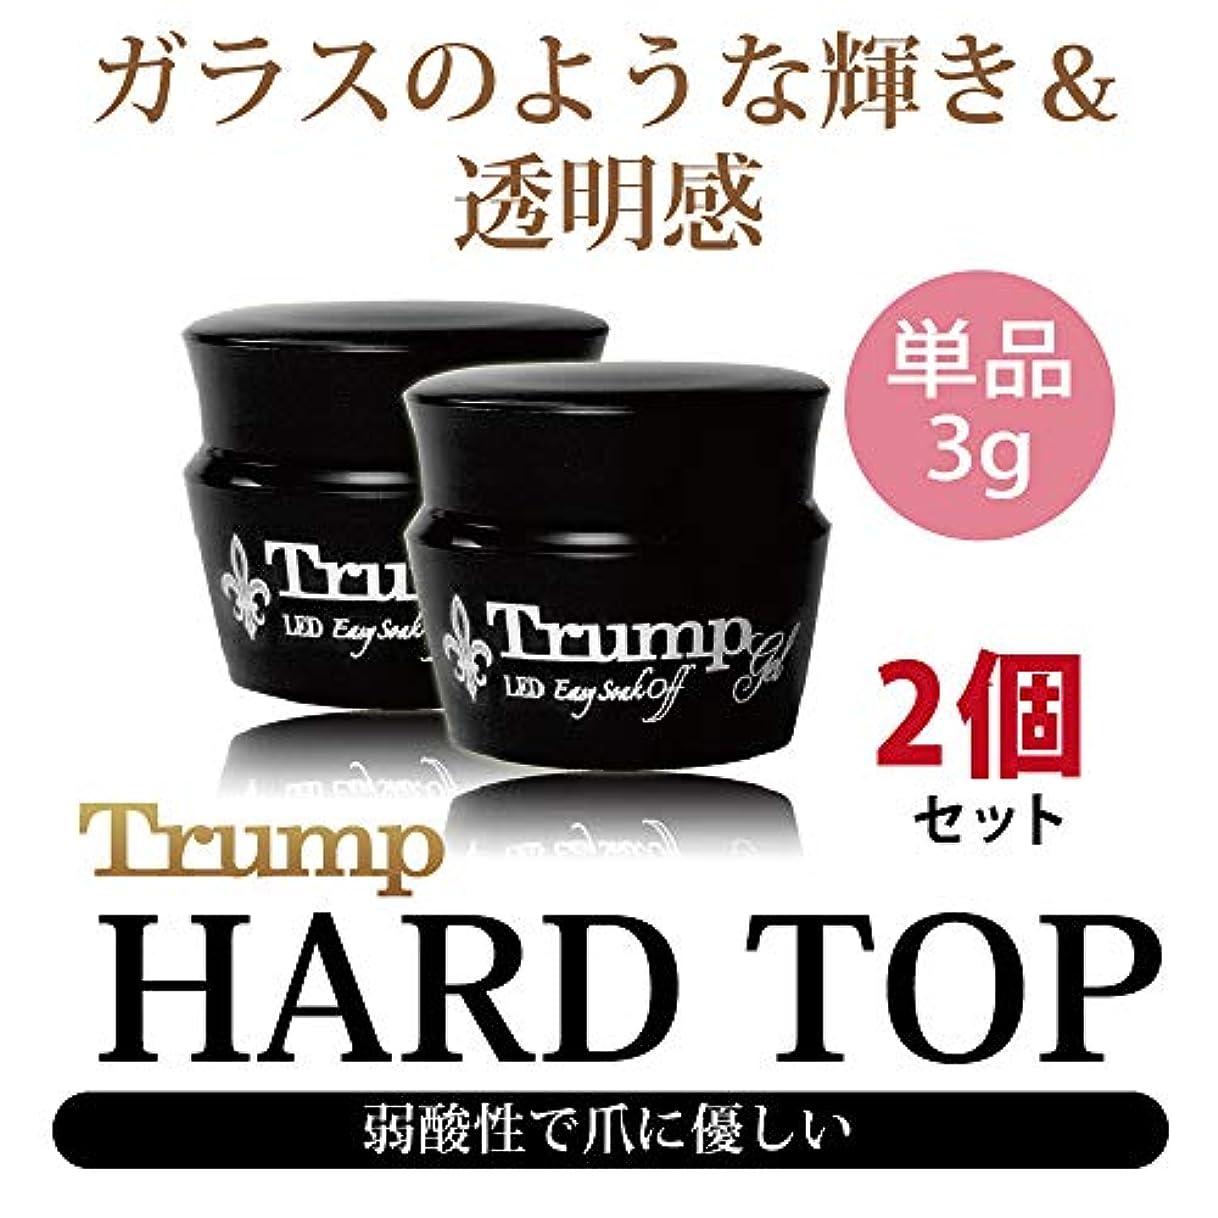 旅行者ドーム名前Trump gel ハードクリアージェル 3g 2個セット